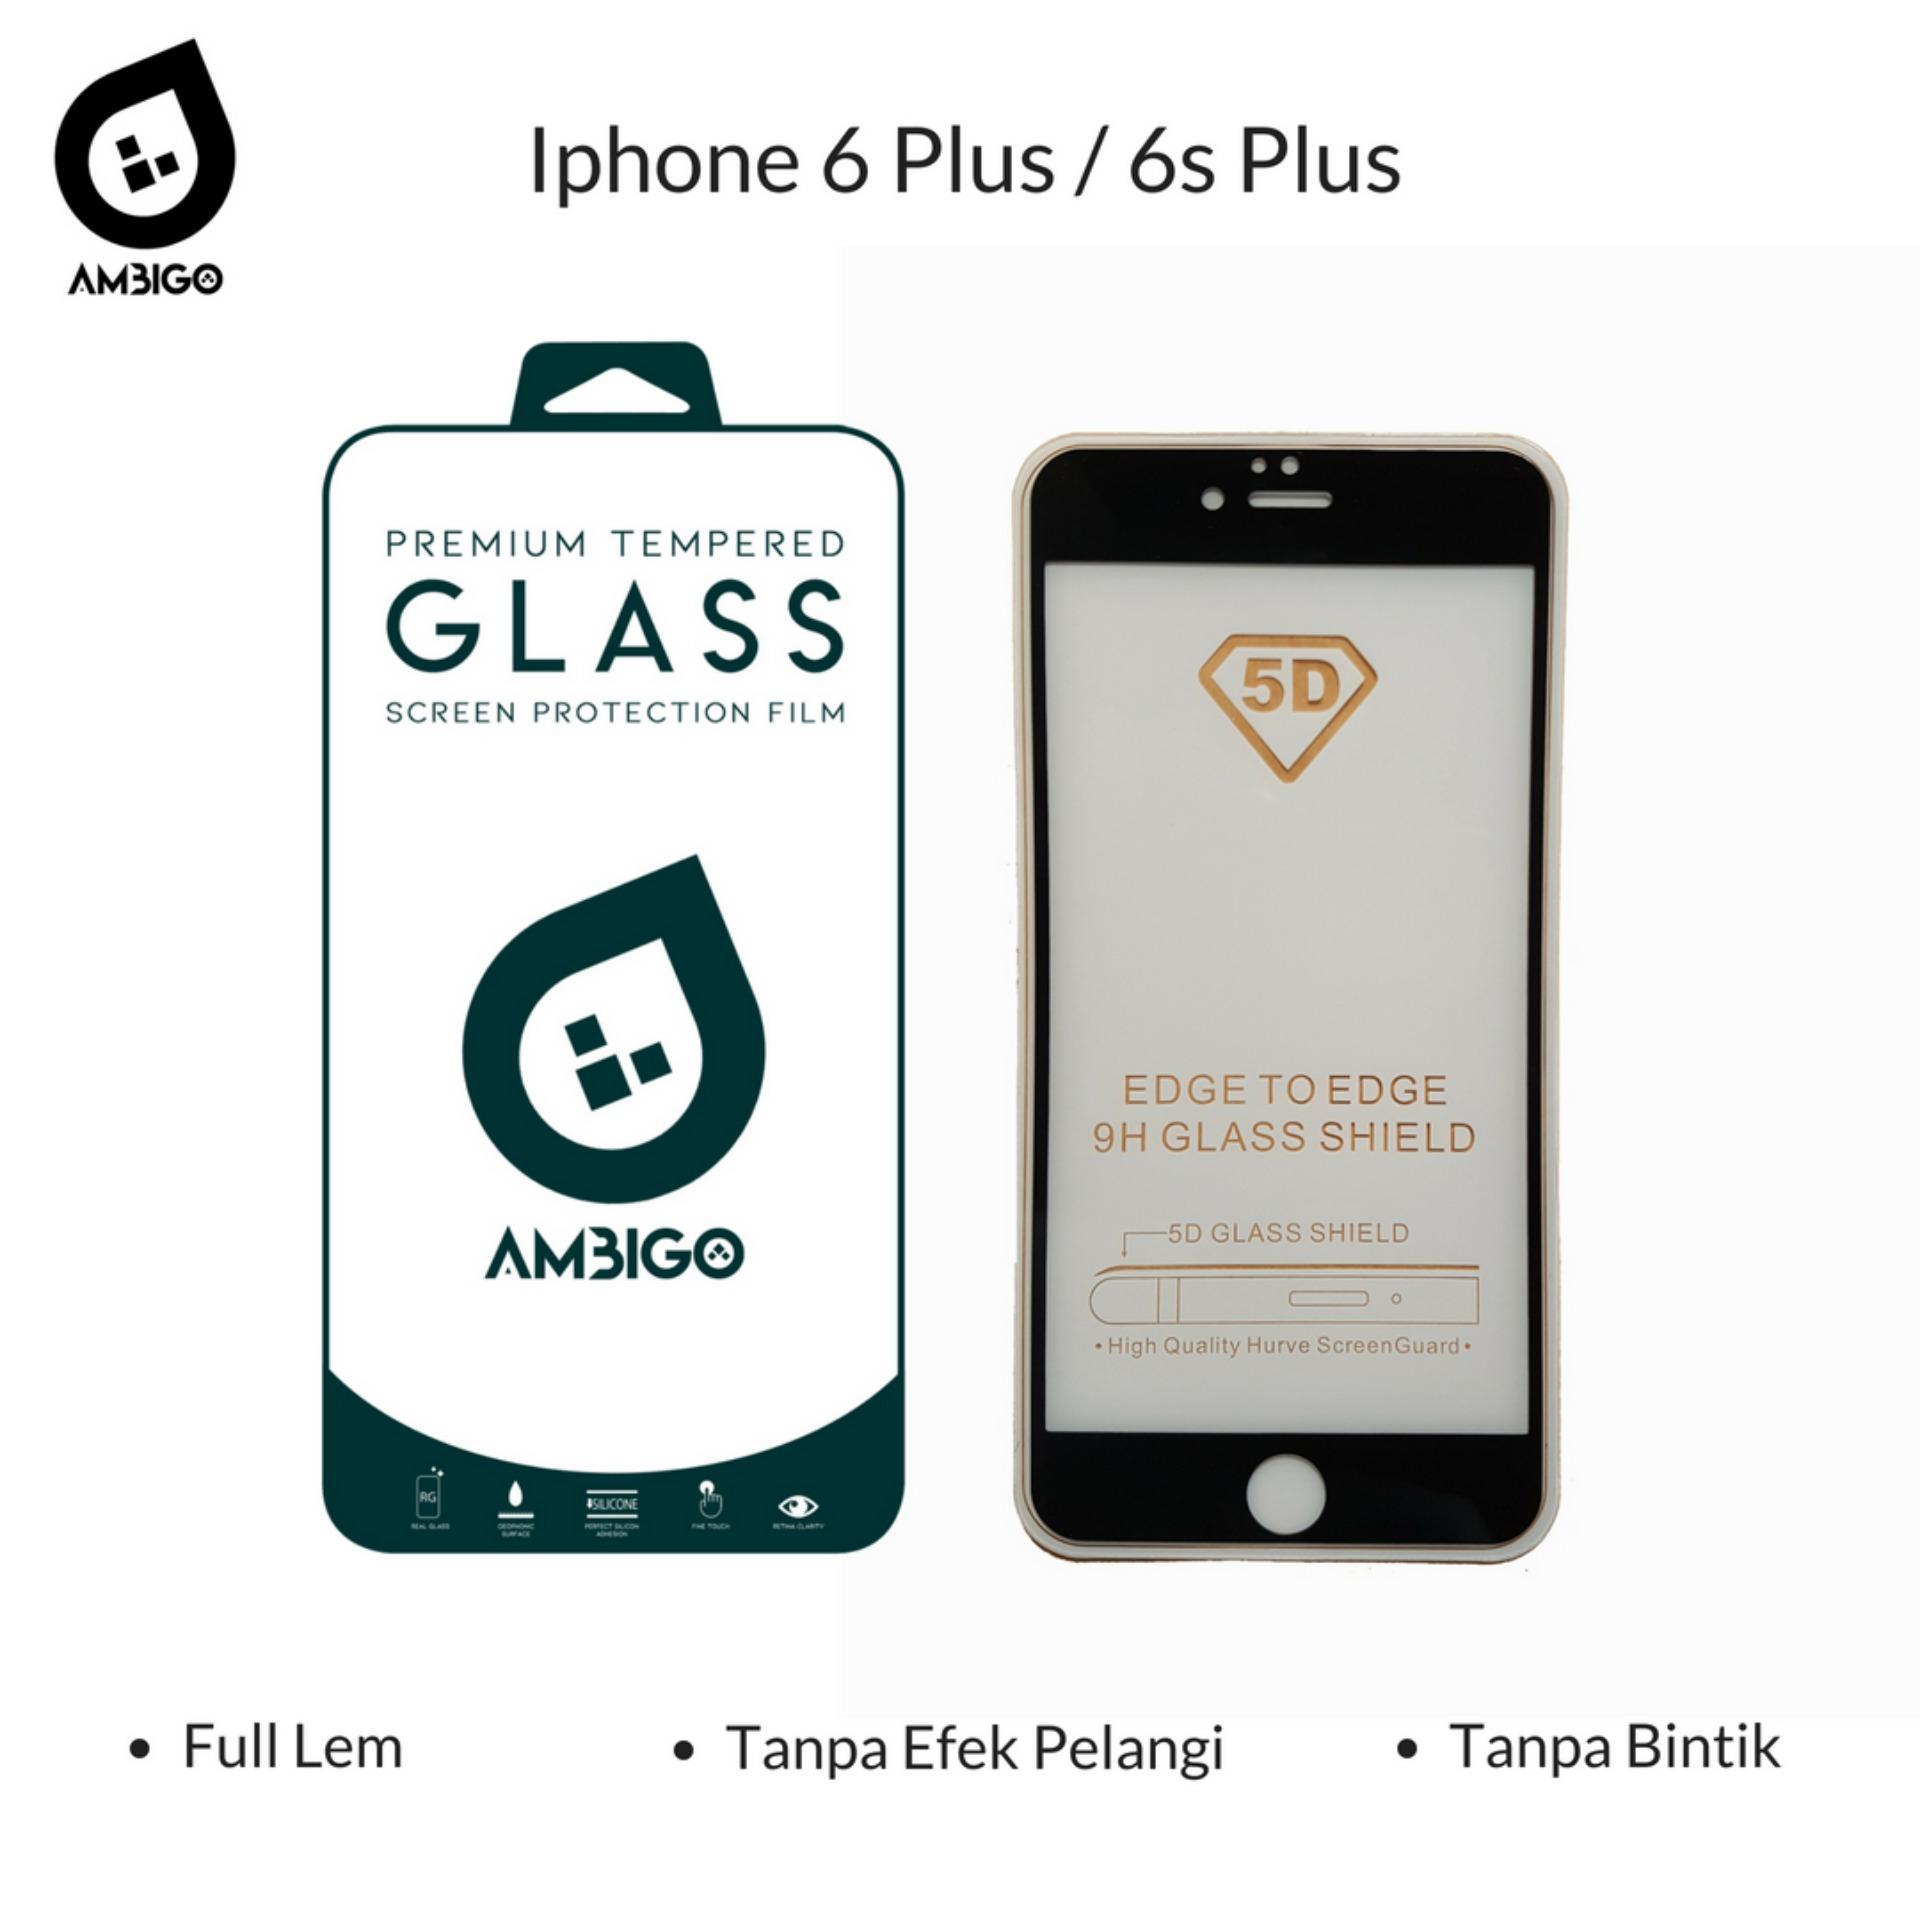 Accessories Hp Ambigo Tempered Glass 5D Full Cover Warna / Anti Gores Kaca Full Lem Untuk Iphone 6 Plus / 6s Plus - Black